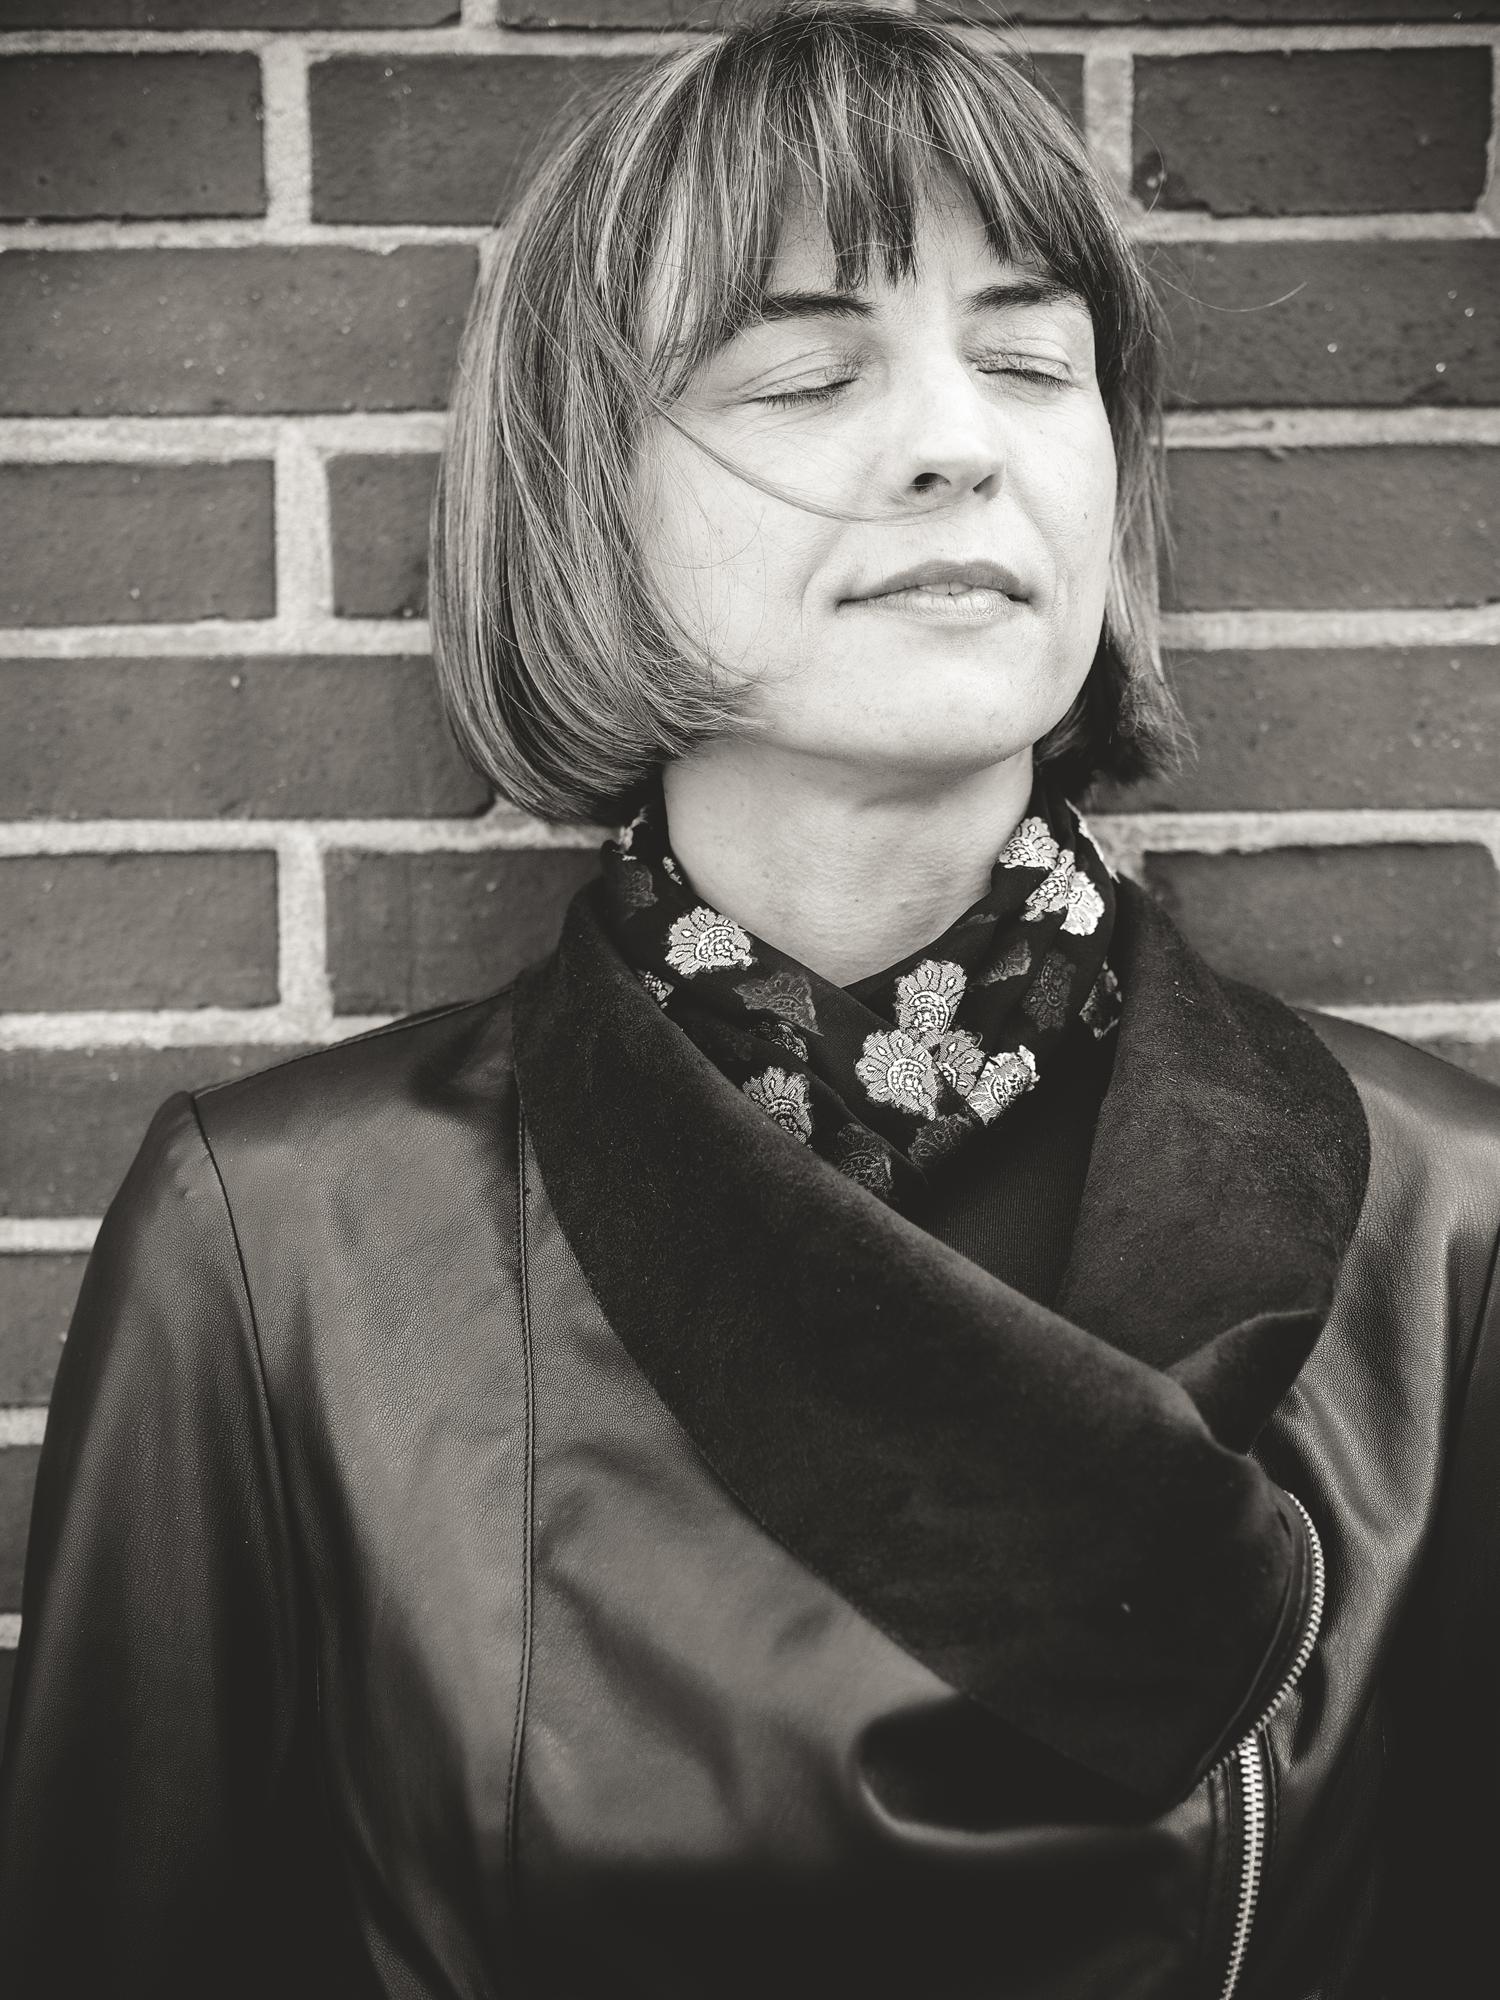 strickmann-portrait-10.jpg